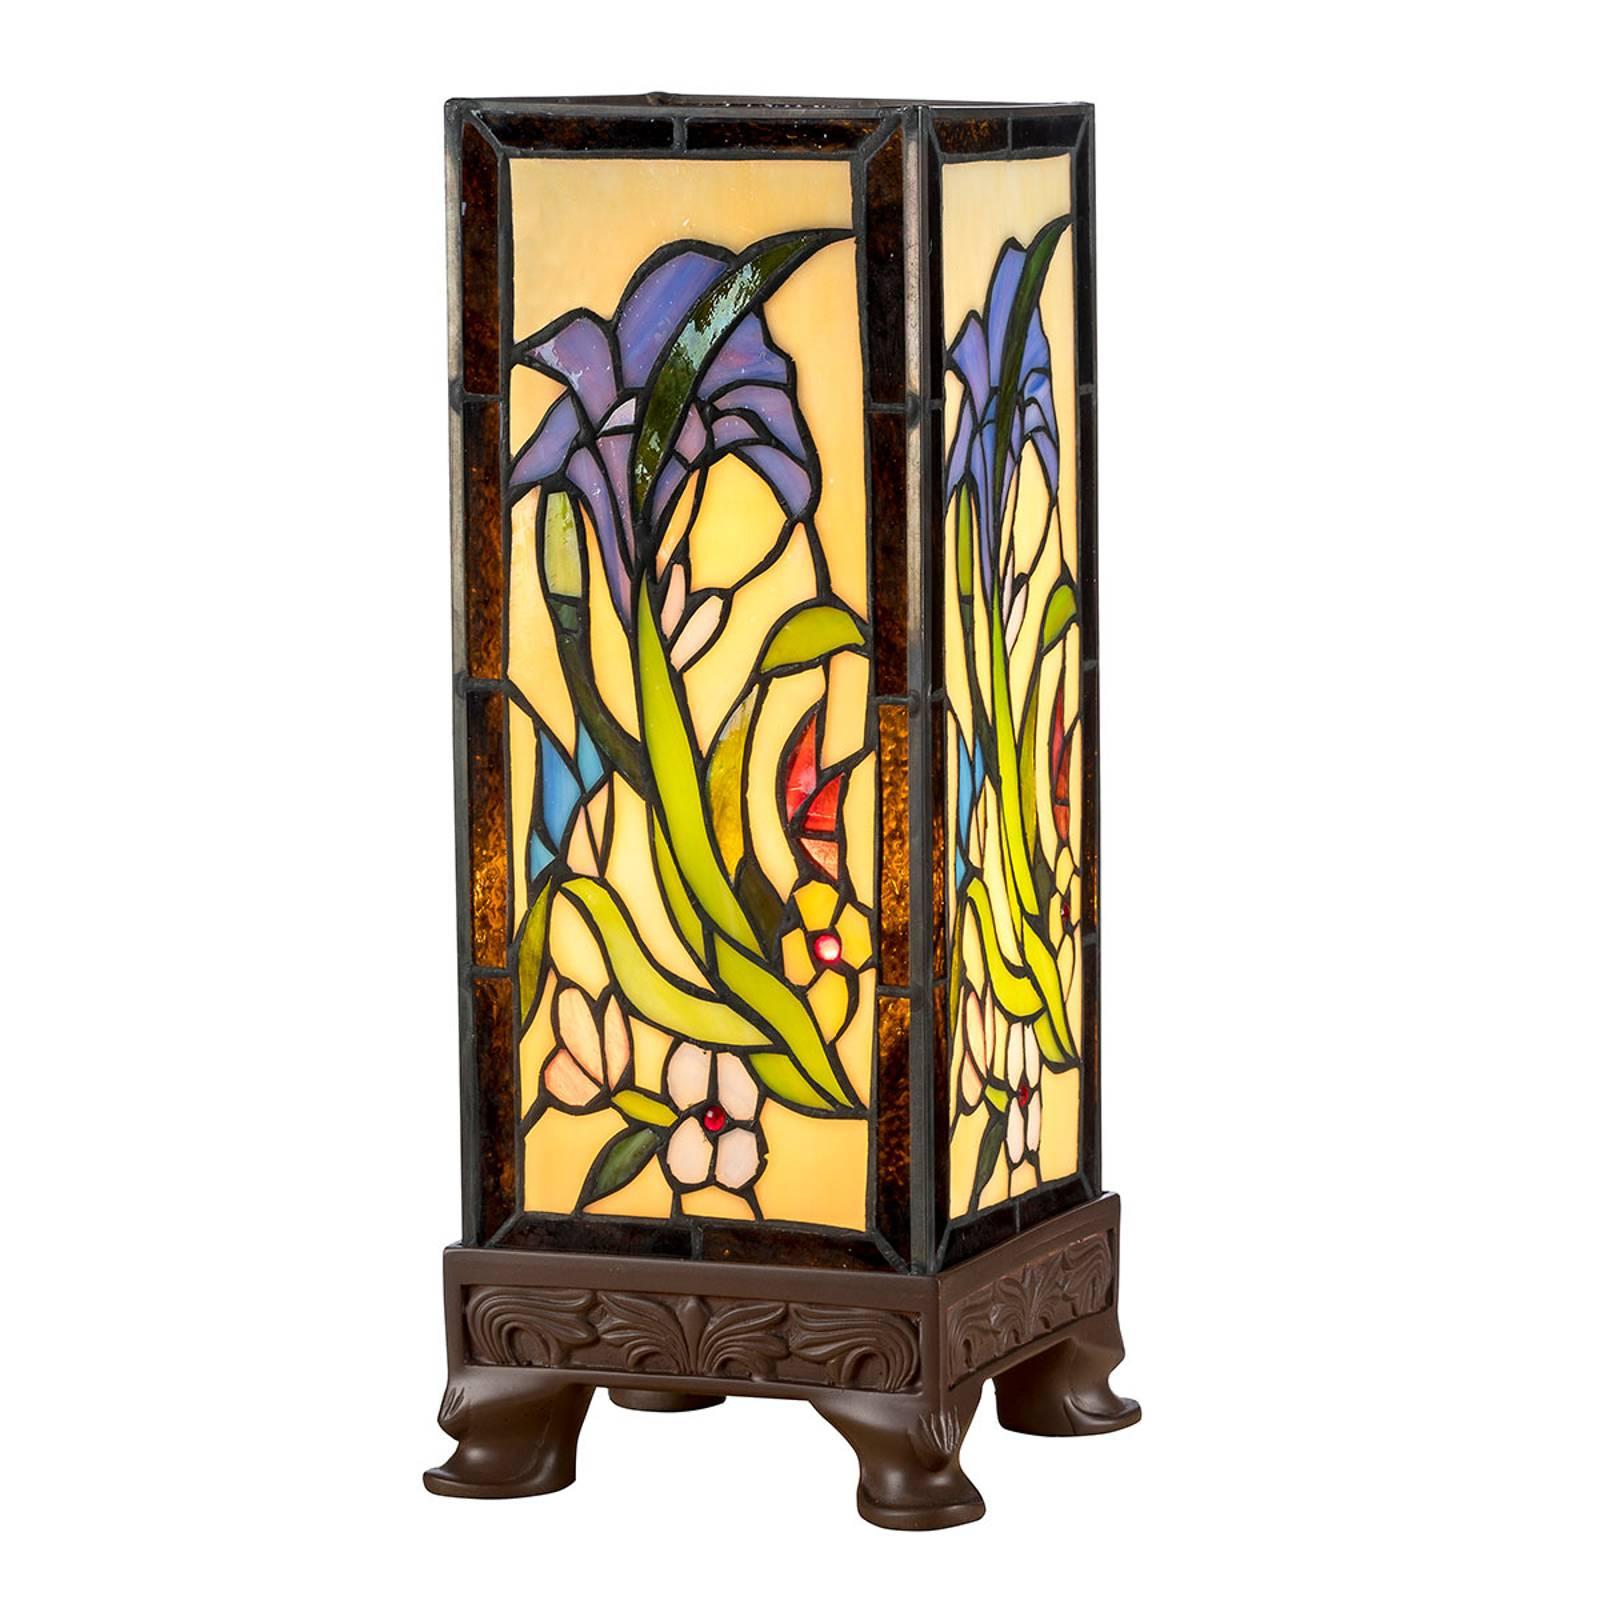 Pöytälamppu KT180029 tiffany-tyyliä, neljä jalkaa